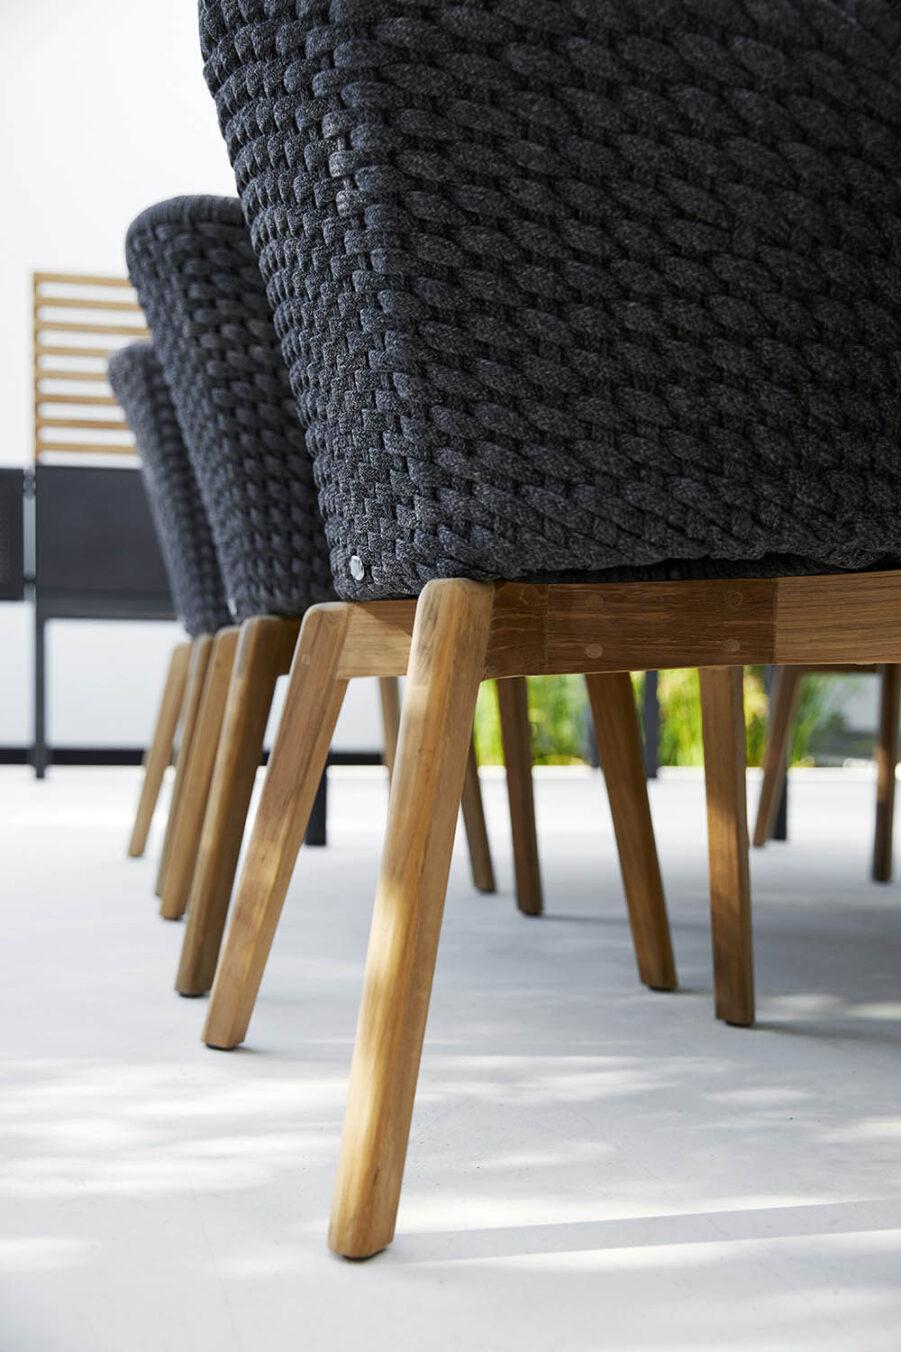 Detaljbild på stolen Peackock i SoftRope och teak.